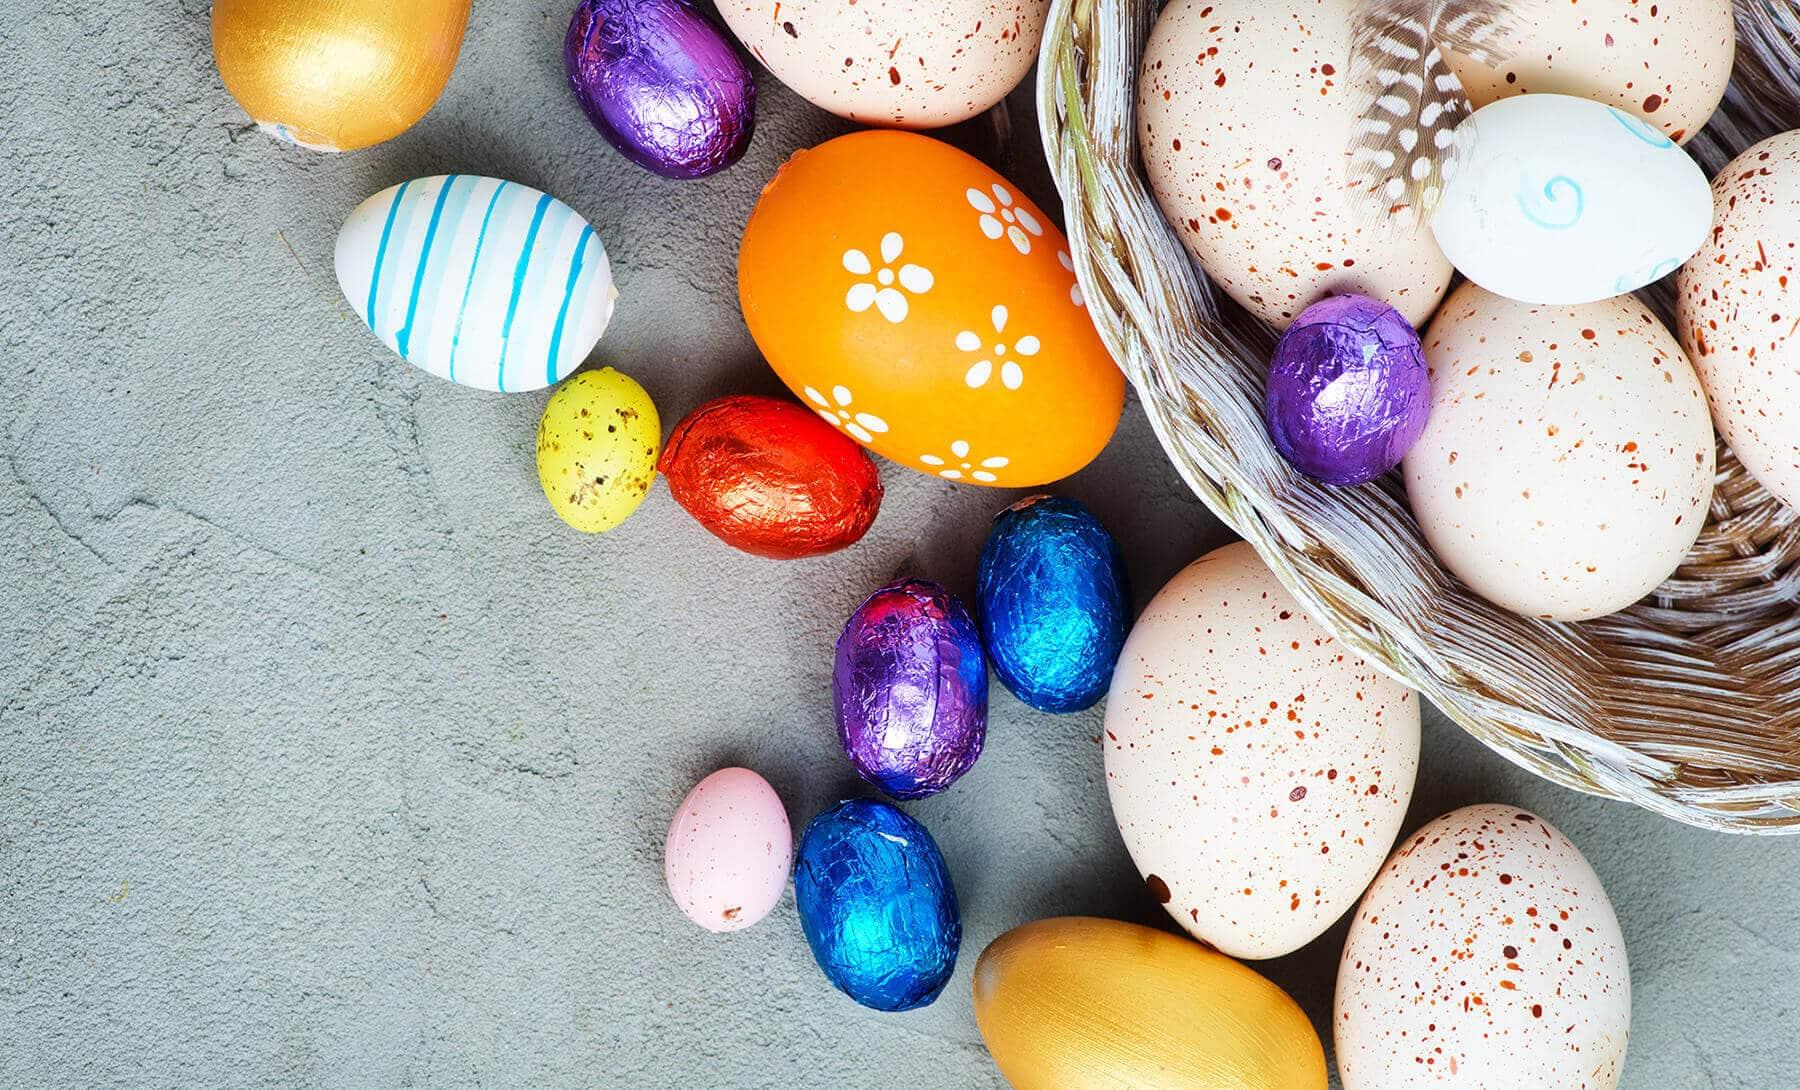 Pranzo di Pasqua: come evitare gli eccessi